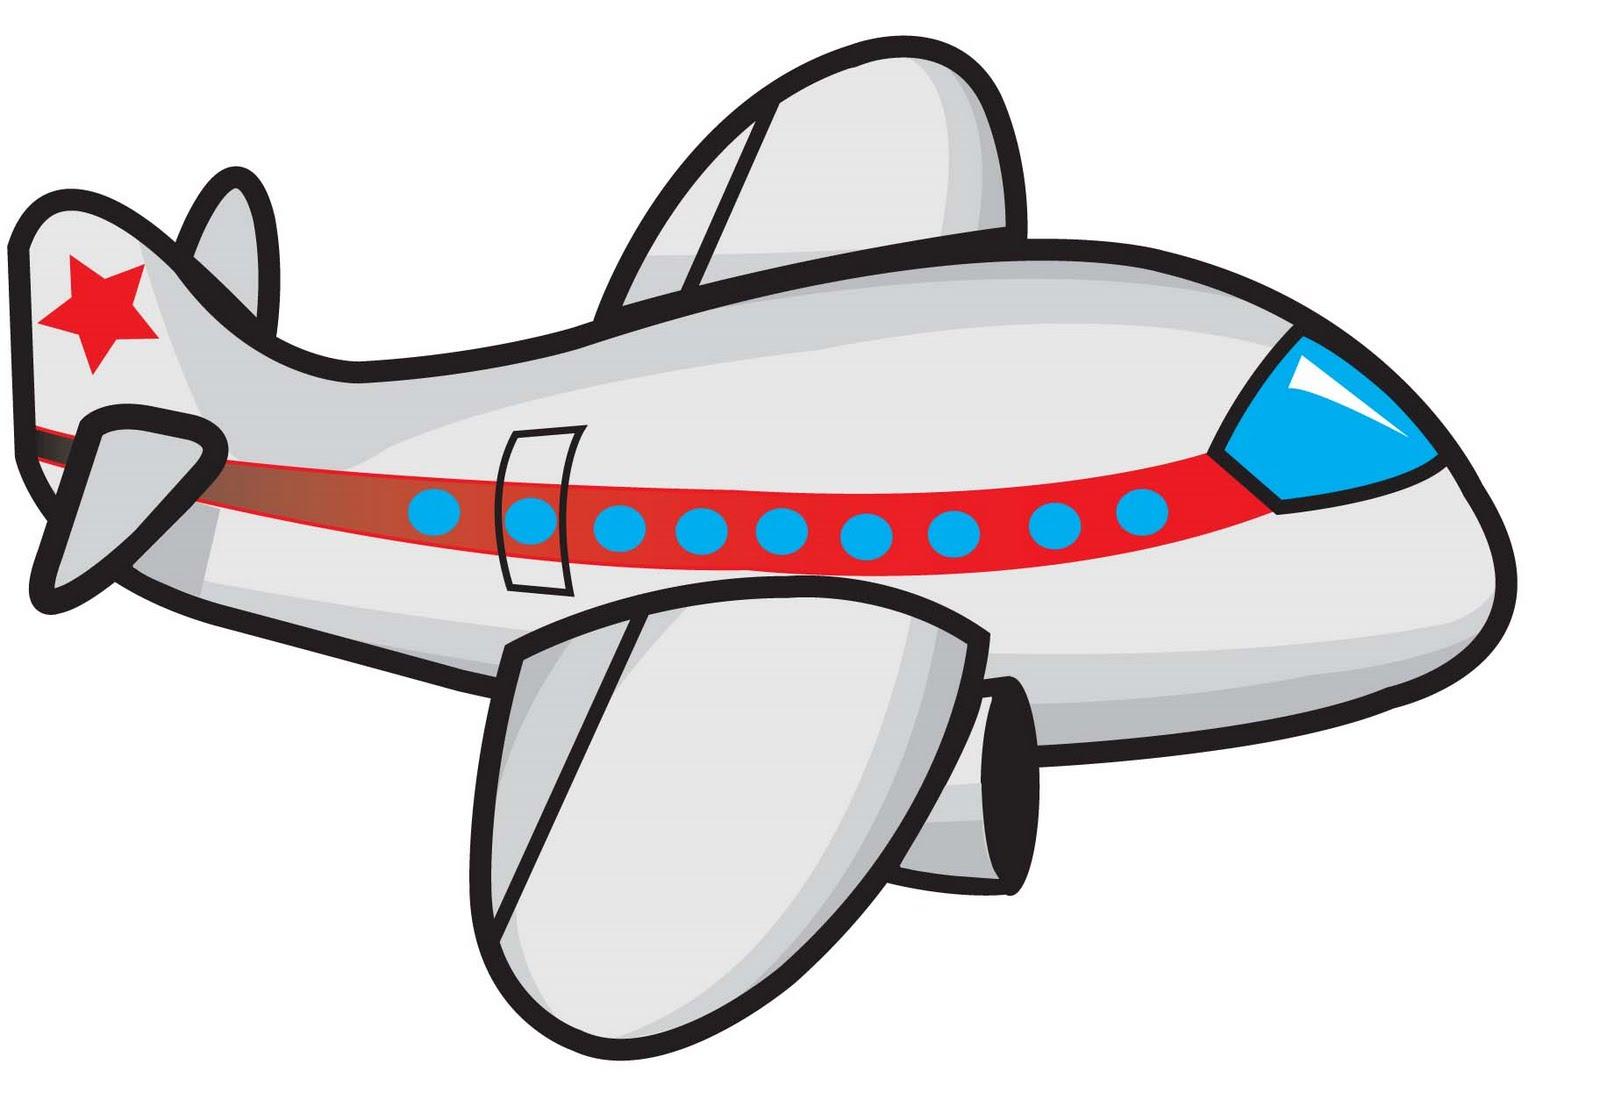 Comic clipart airplane Airplane Airplane Cartoon — Clipart